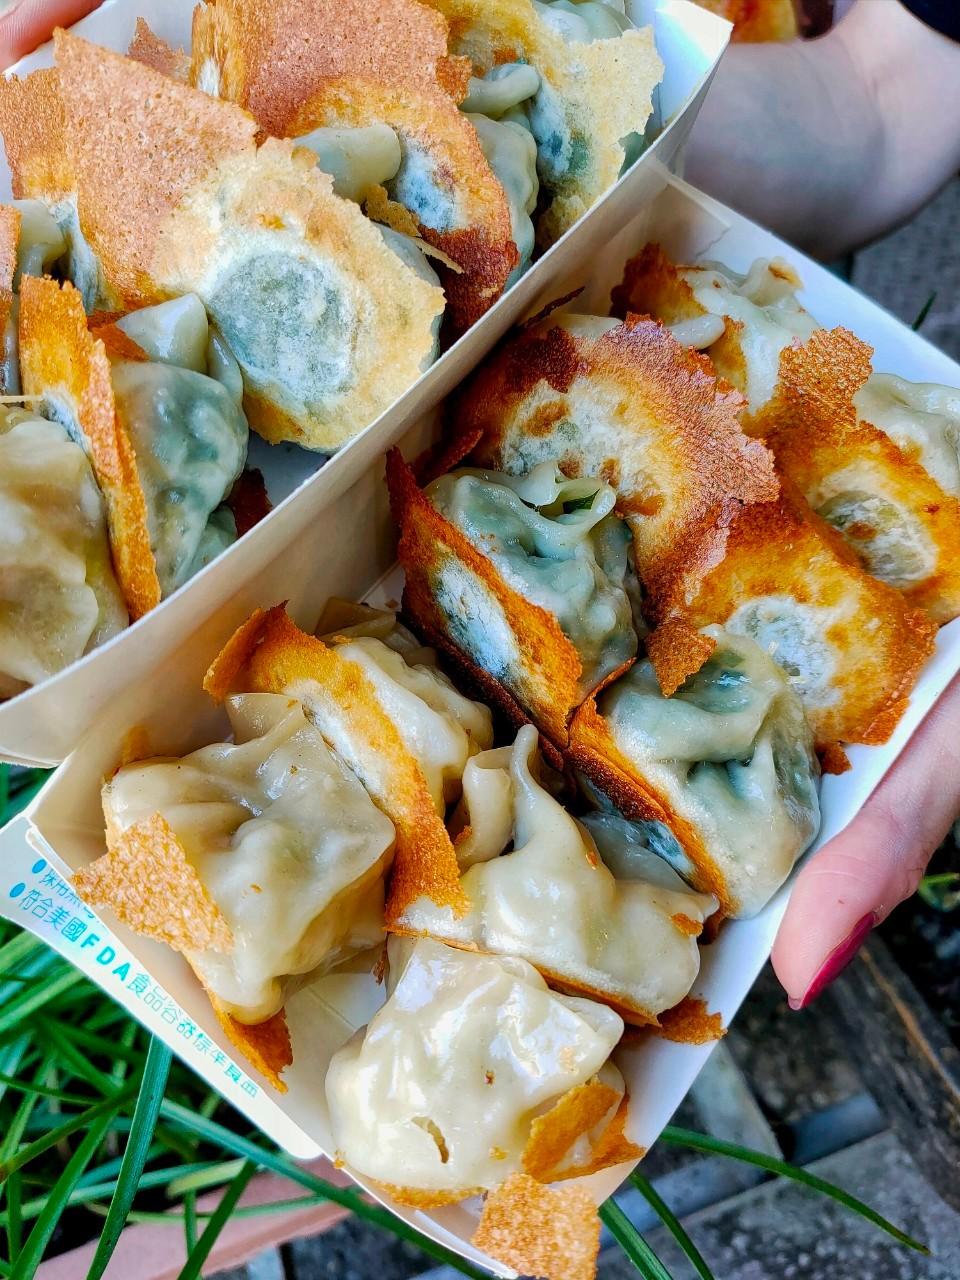 大園美食,大園早餐,大園下午茶,大園菜市場,八兩一,雪花煎餃,大滿貫,蔥油餅